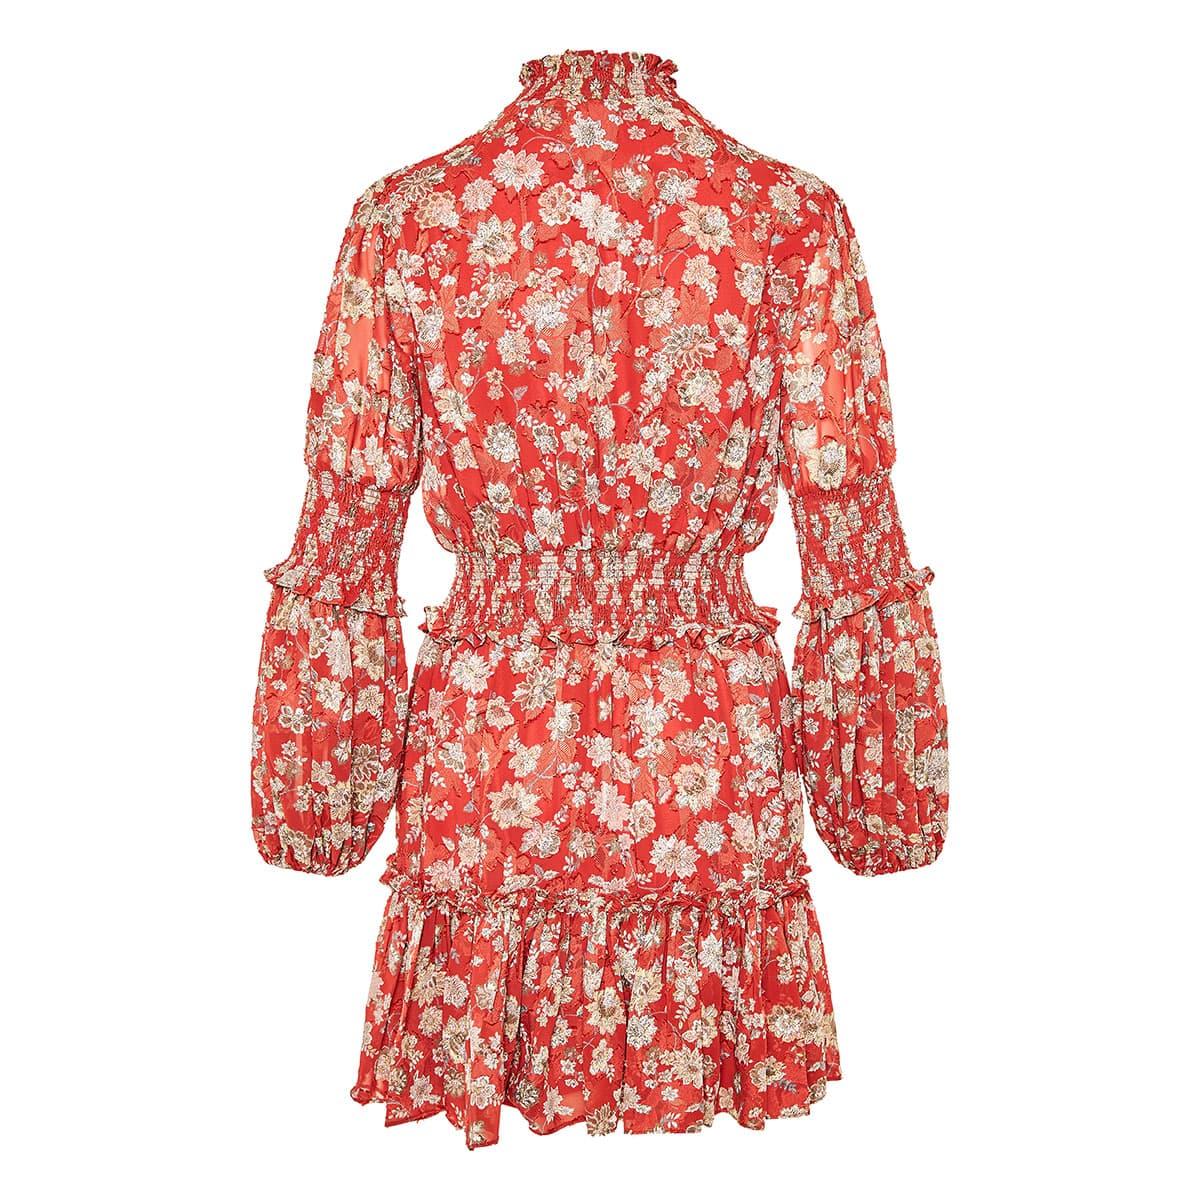 Rosewell floral chiffon mini dress